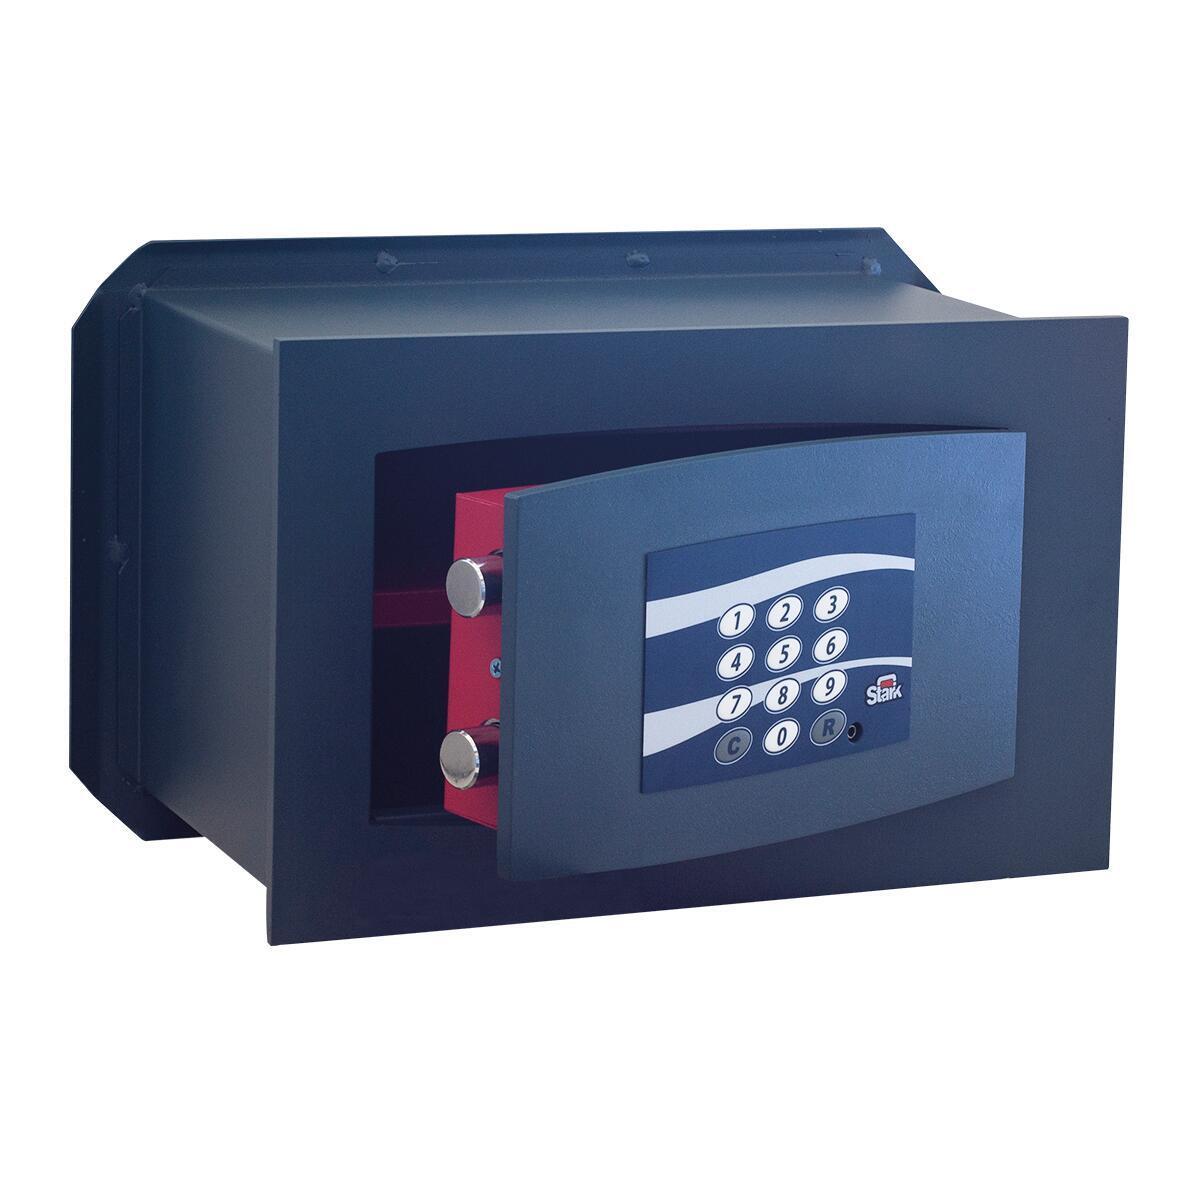 Cassaforte con codice elettronico STARK 852A da murare L 36 x P 19.5 x H 23 cm - 1